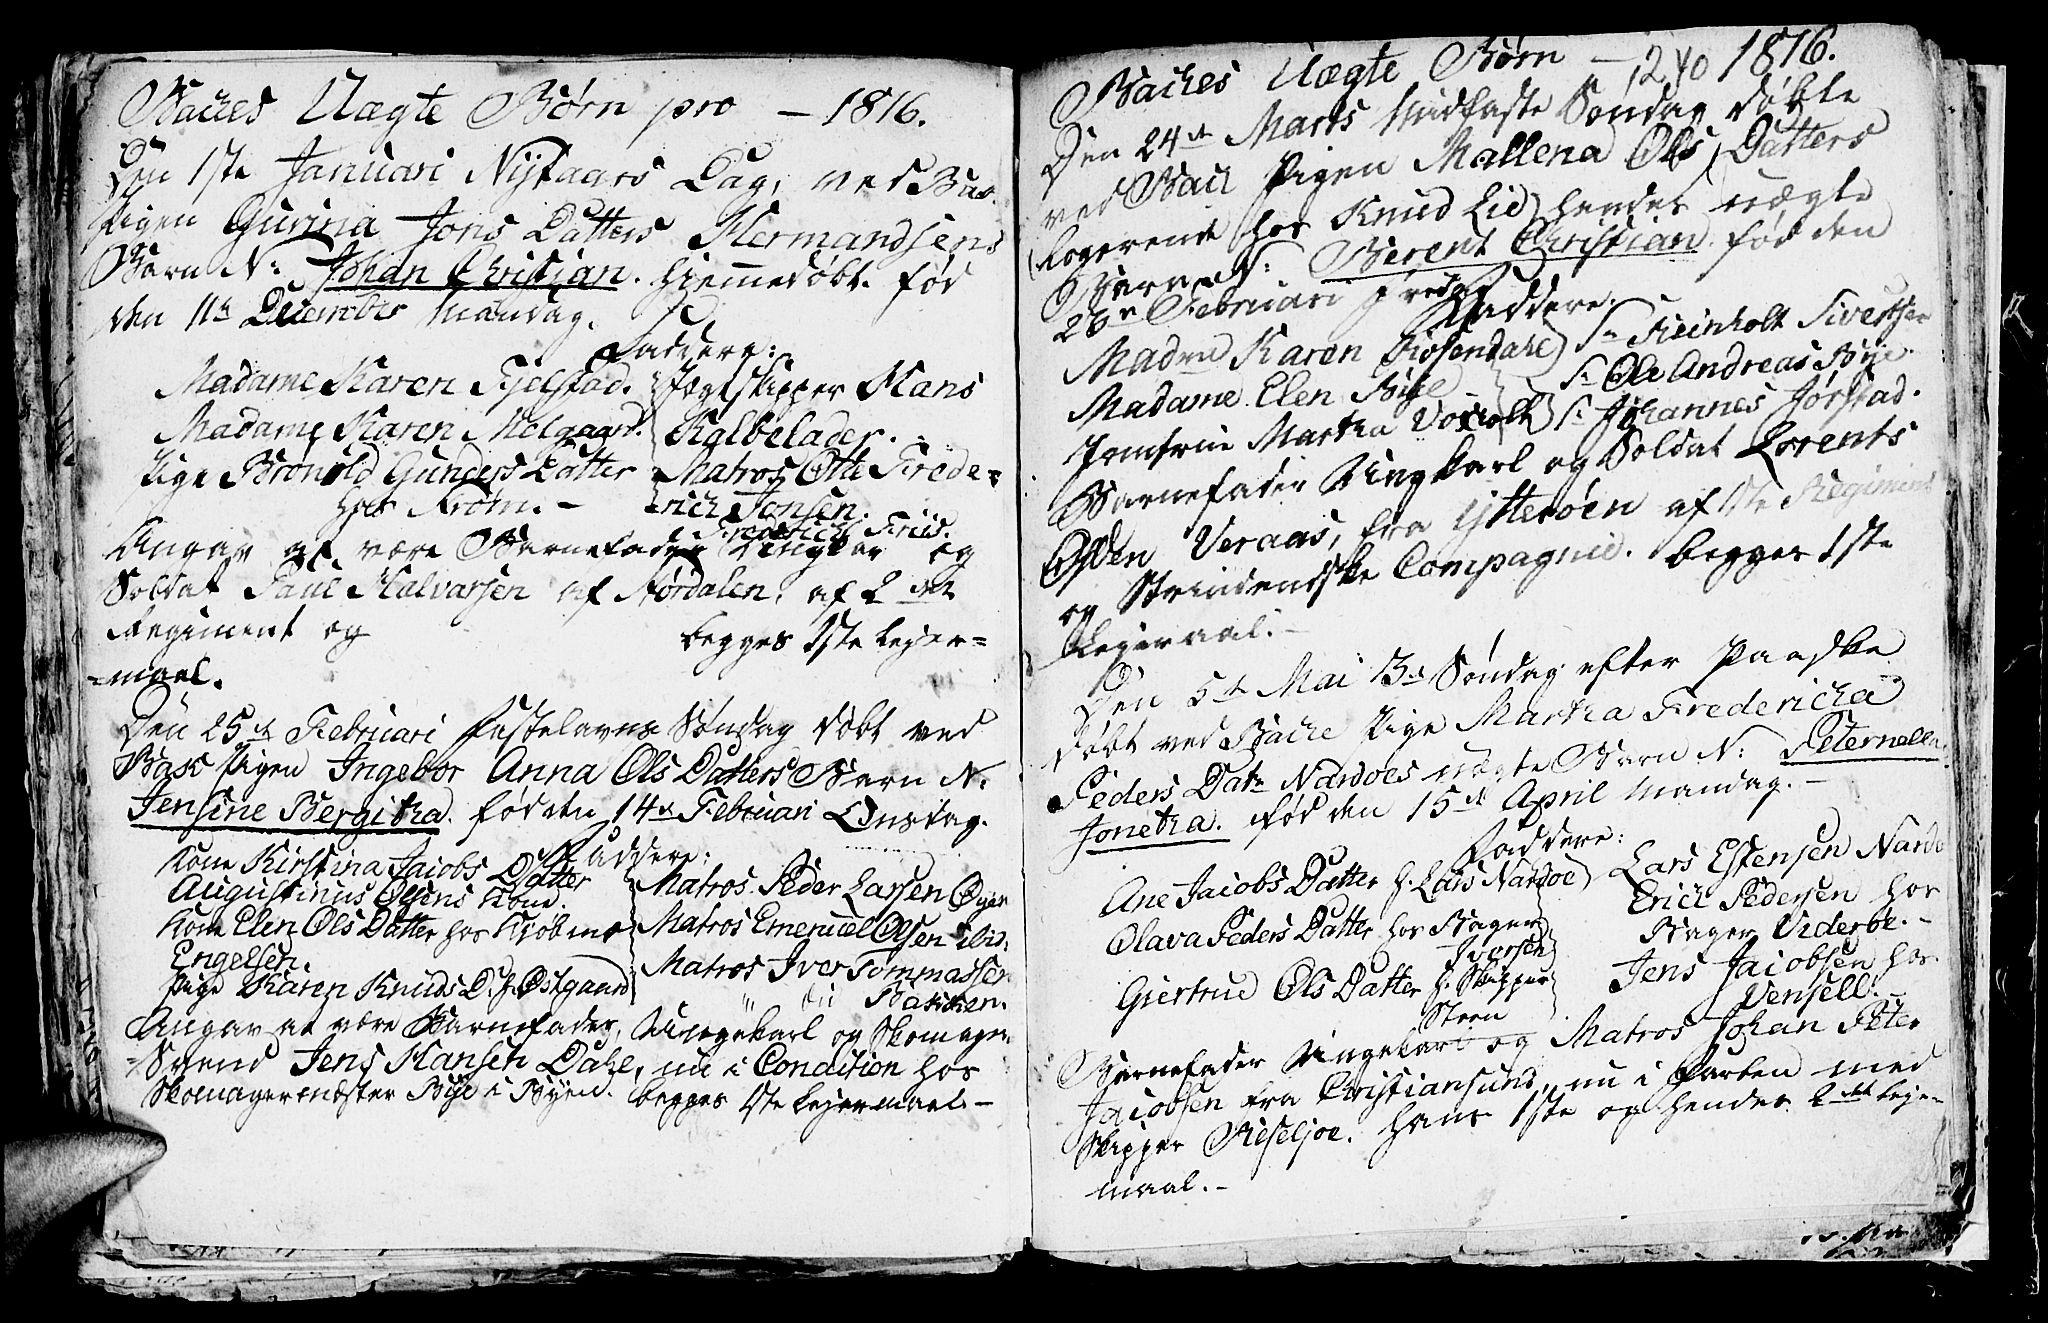 SAT, Ministerialprotokoller, klokkerbøker og fødselsregistre - Sør-Trøndelag, 604/L0218: Klokkerbok nr. 604C01, 1754-1819, s. 240